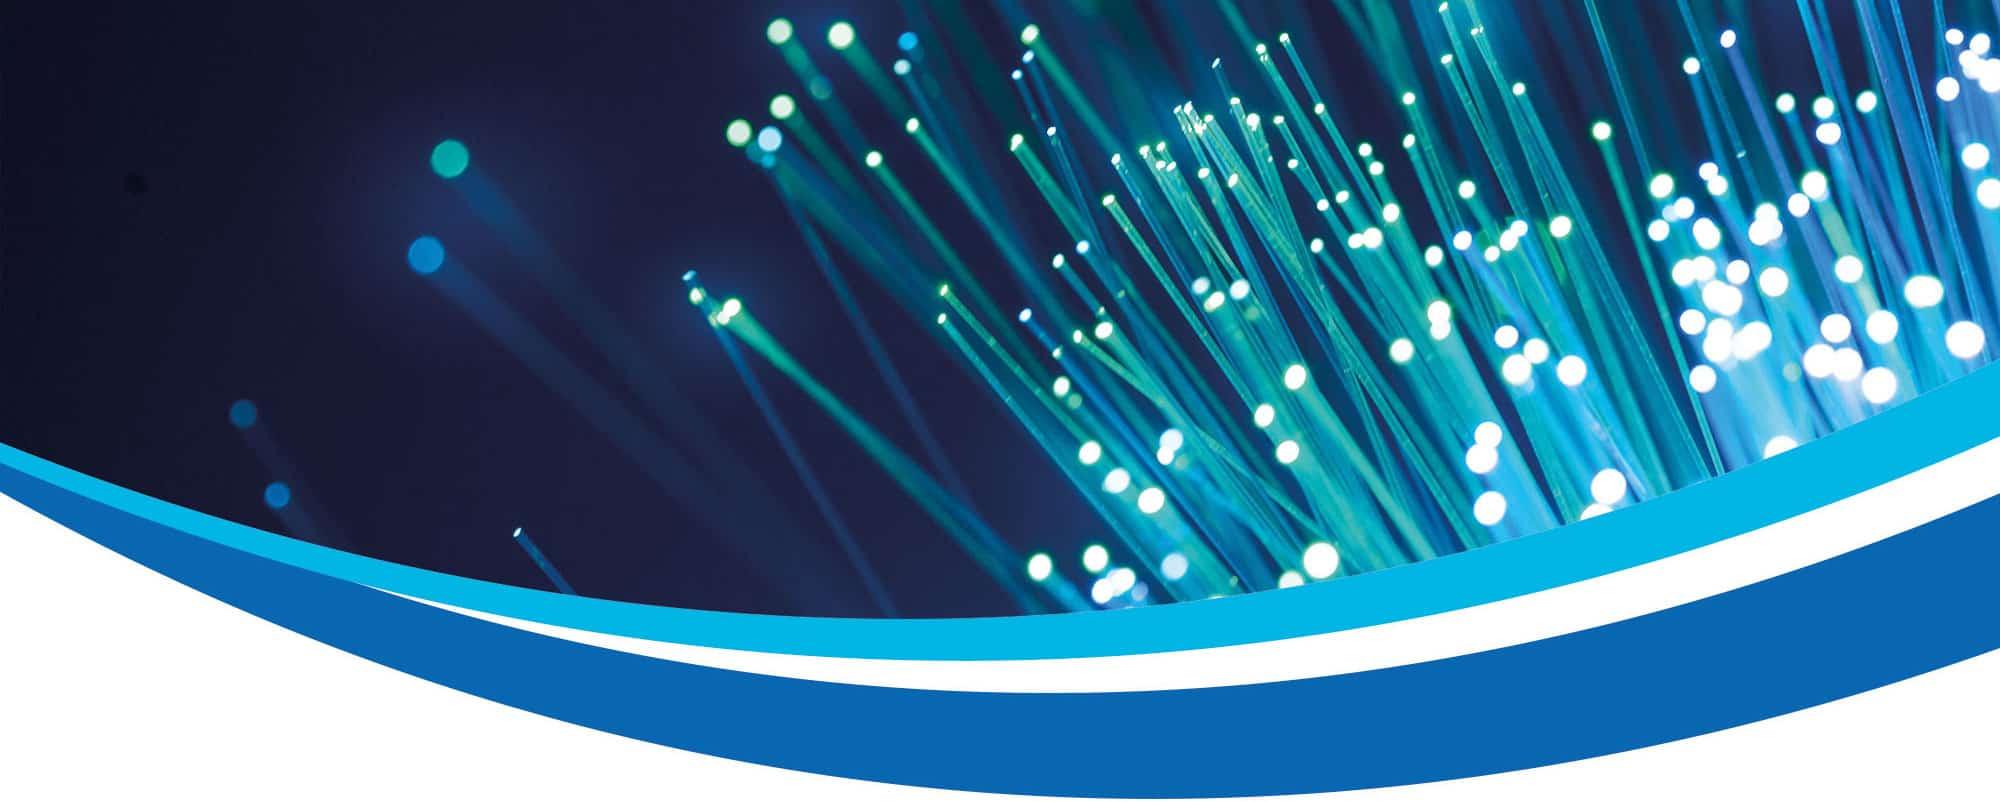 RMK-Televerkot Oy on tietoliikenneverkkojen kaapelointien asennus- ja ylläpitopalveluihin erikoistunut yritys, joka palvelee asiakkaitaan nopeasti ja joustavasti Etelä-Suomen alueella.